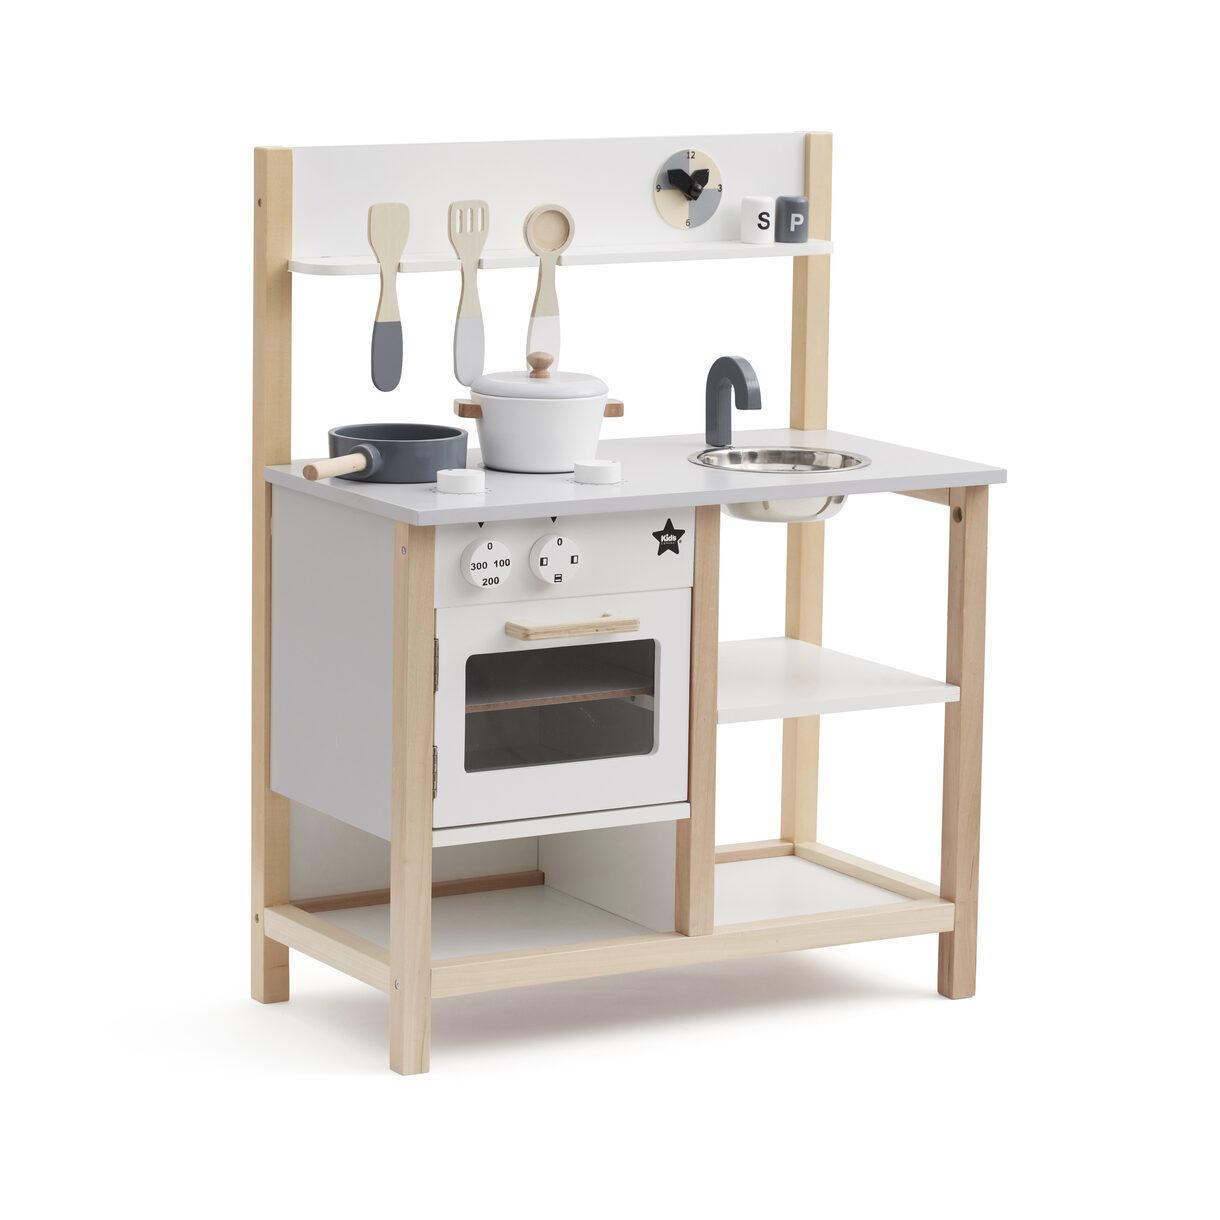 Kids Concept - Kitchen BISTRO (1000161)